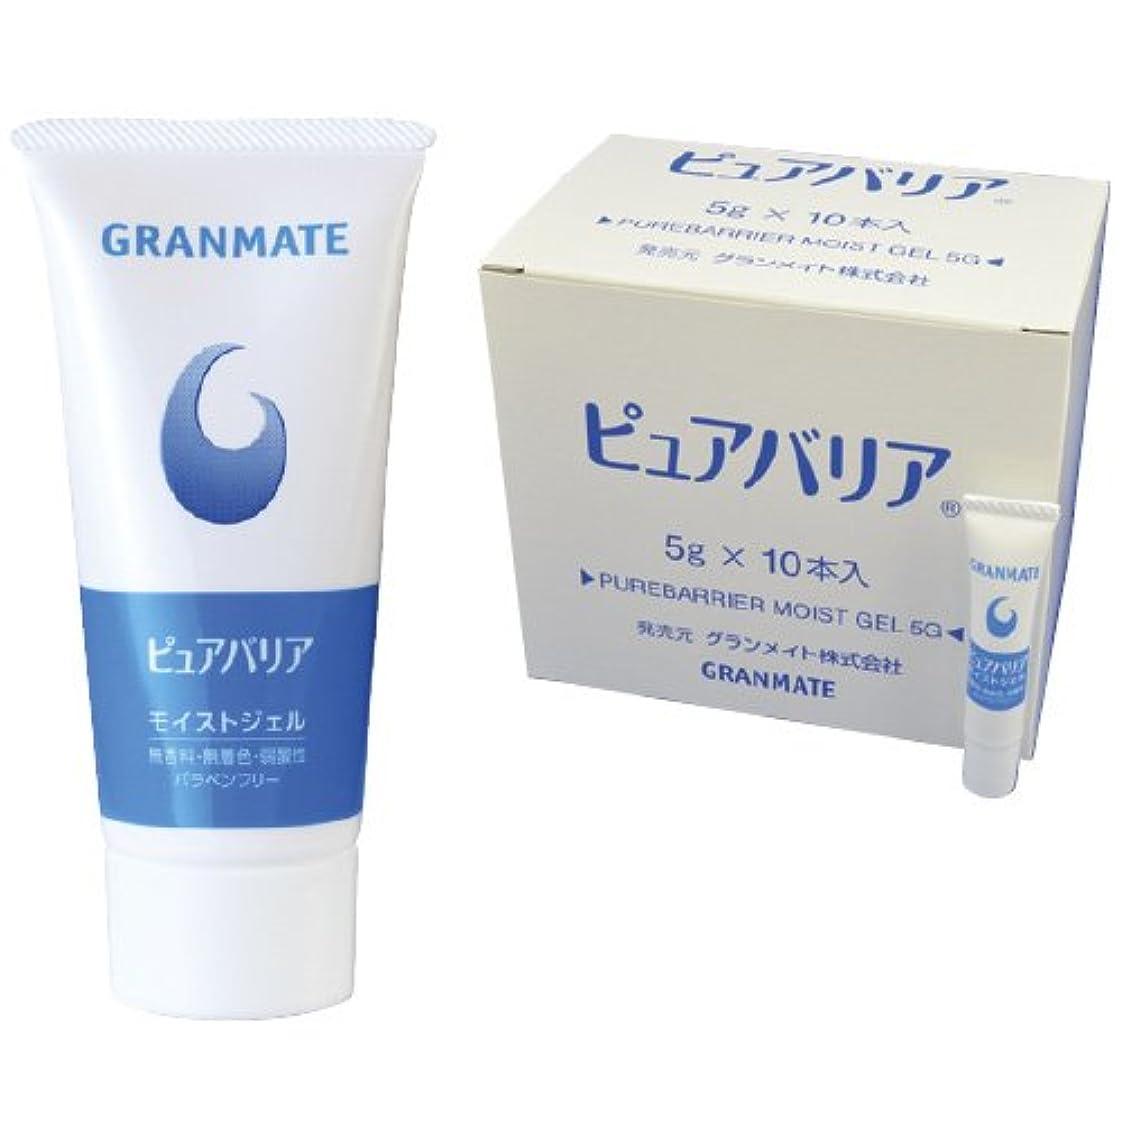 カートリッジ雇用者辛いピュアバリア(スキンケア肌保護ジェル 5GX10ホンイリ 皮膚保護用品 スキンケアローション